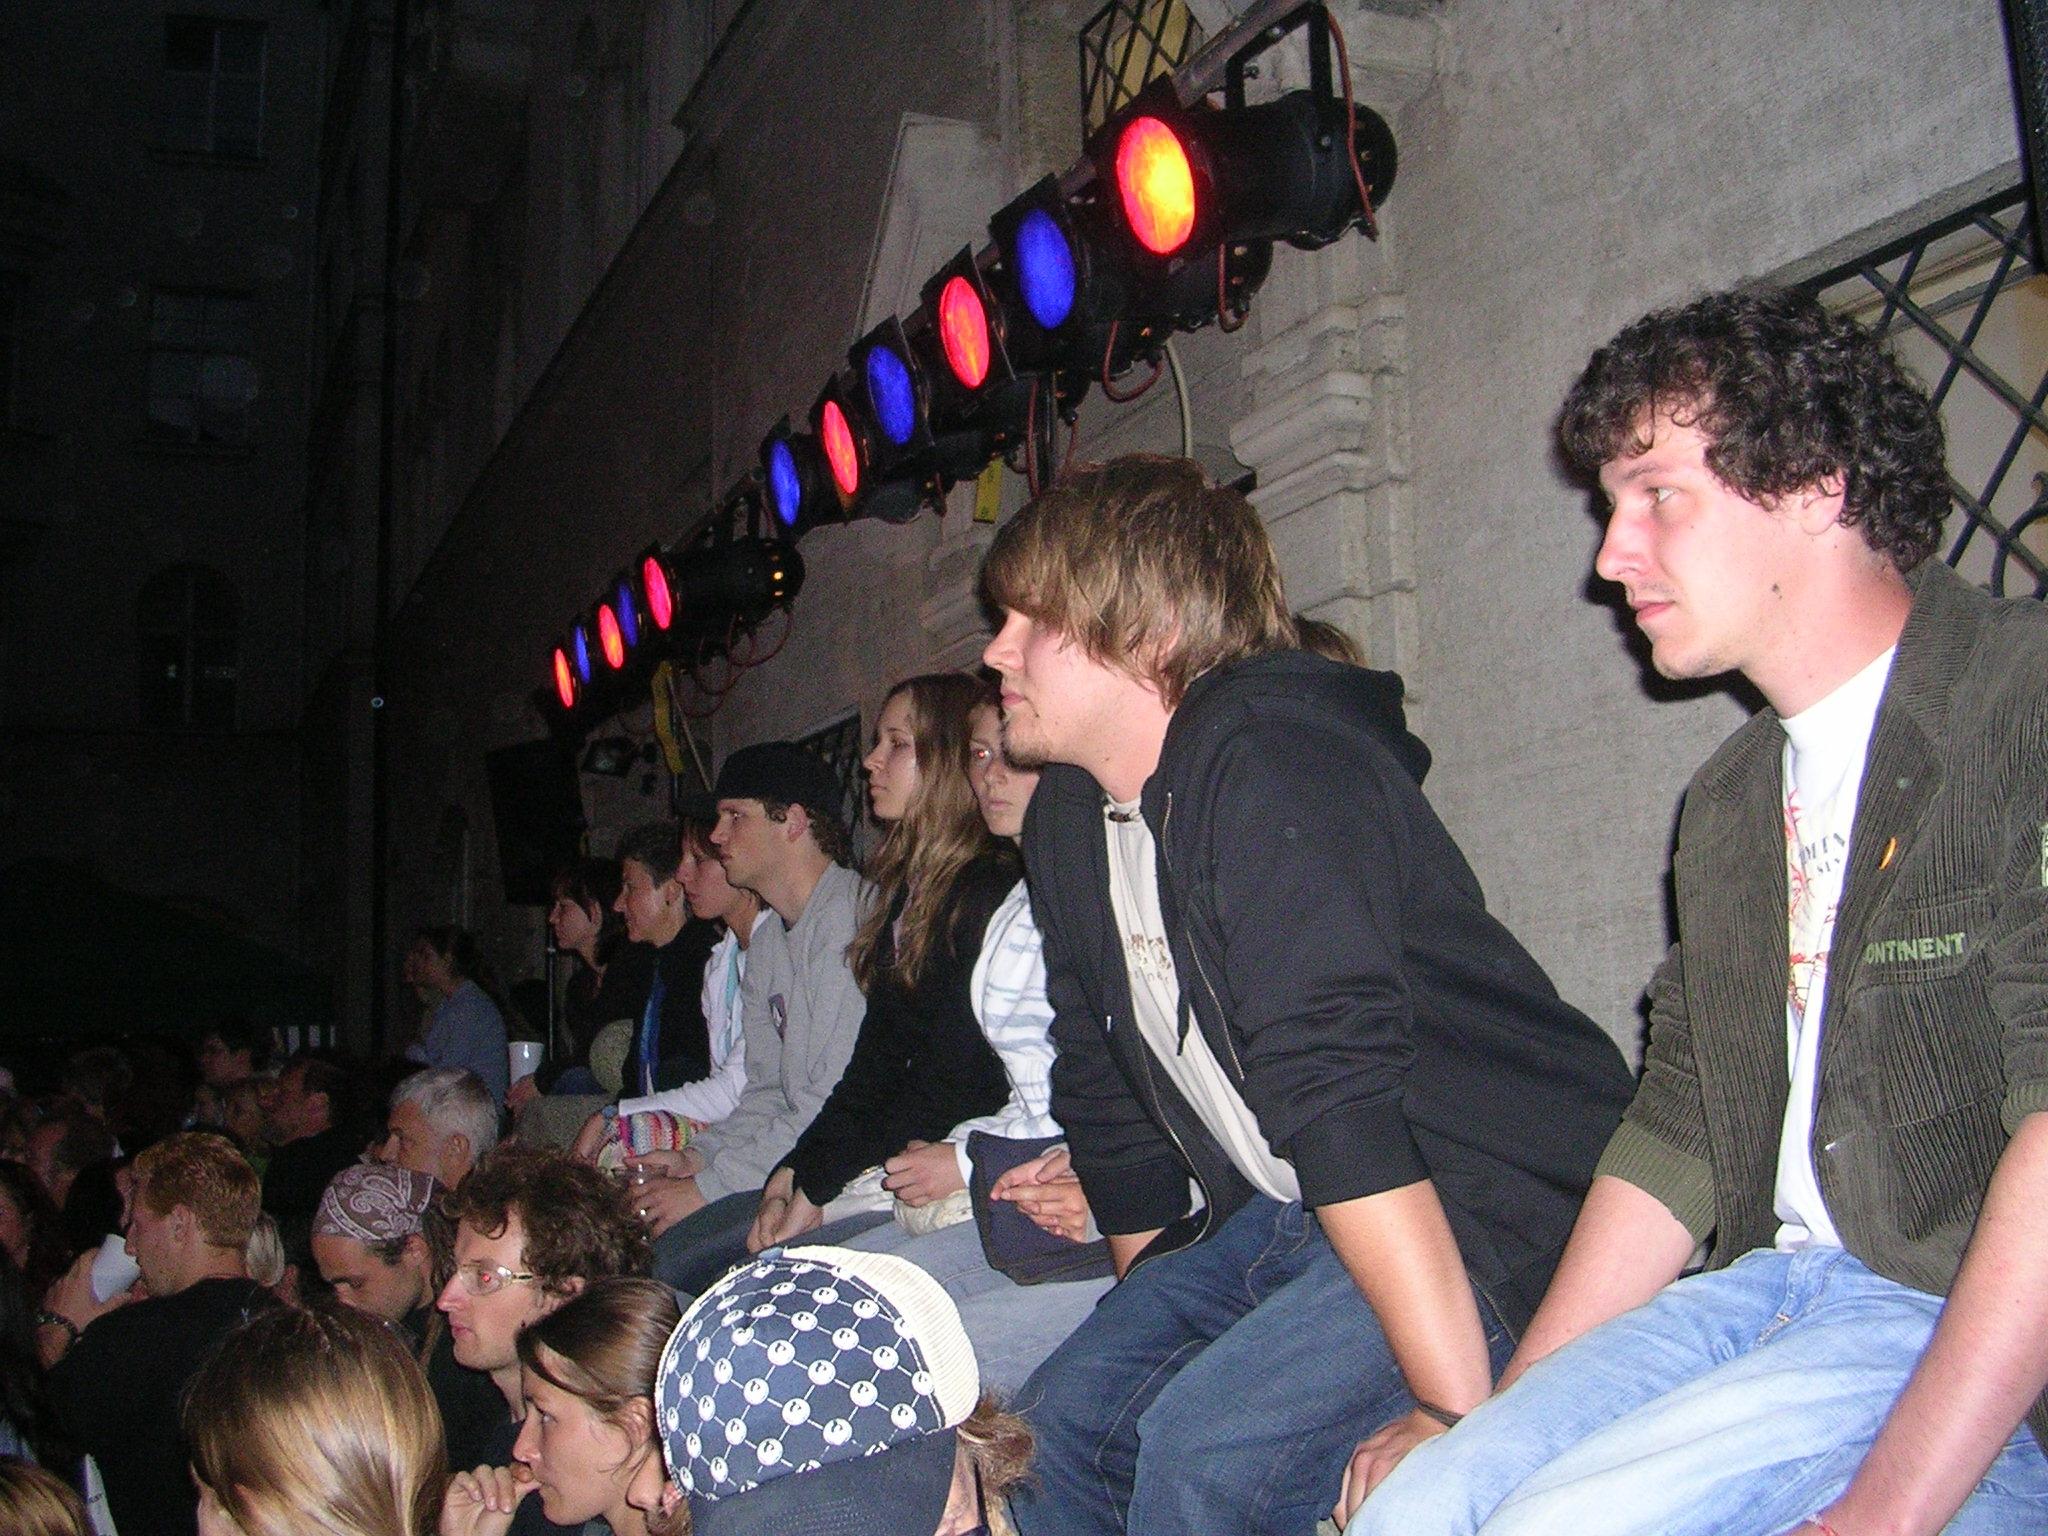 Konzerte im Bürgerhof 2007 8. Unity Reggae Day - Freiwilligen-Zentrum Augsburg - Foto: Robert Hösle